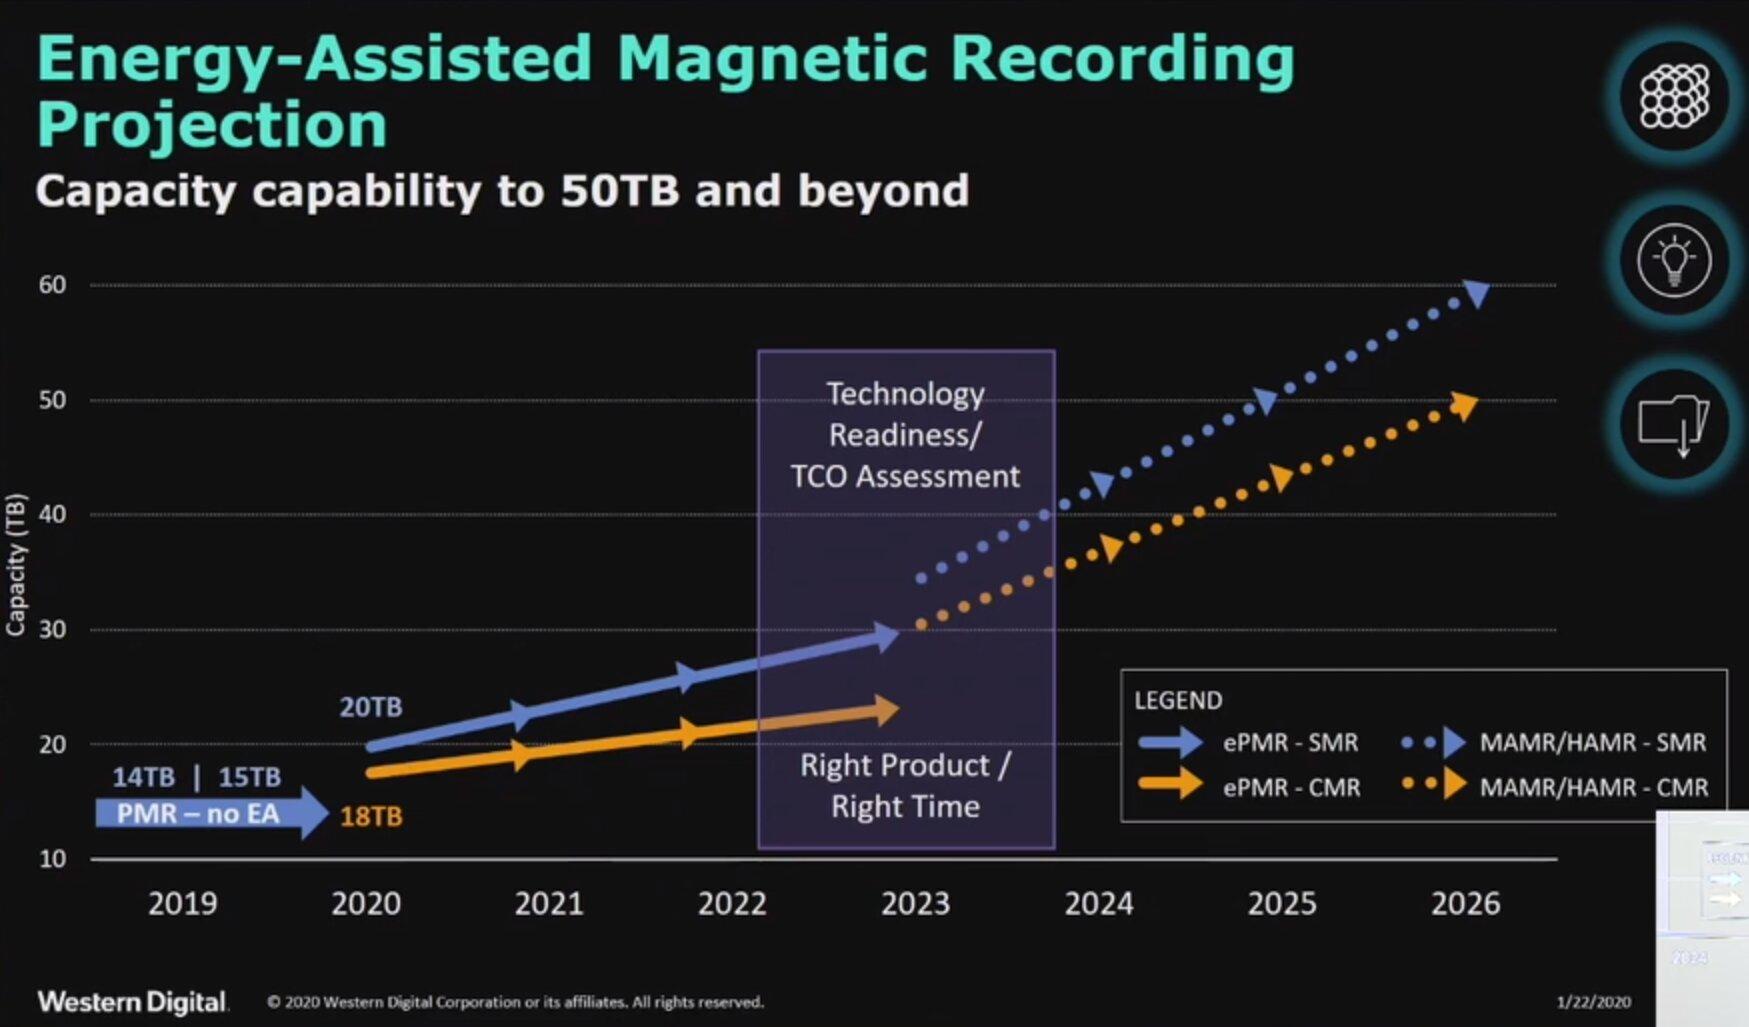 WD-Roadmap: ePMR bis 2023, erst danach MAMR oder HAMR